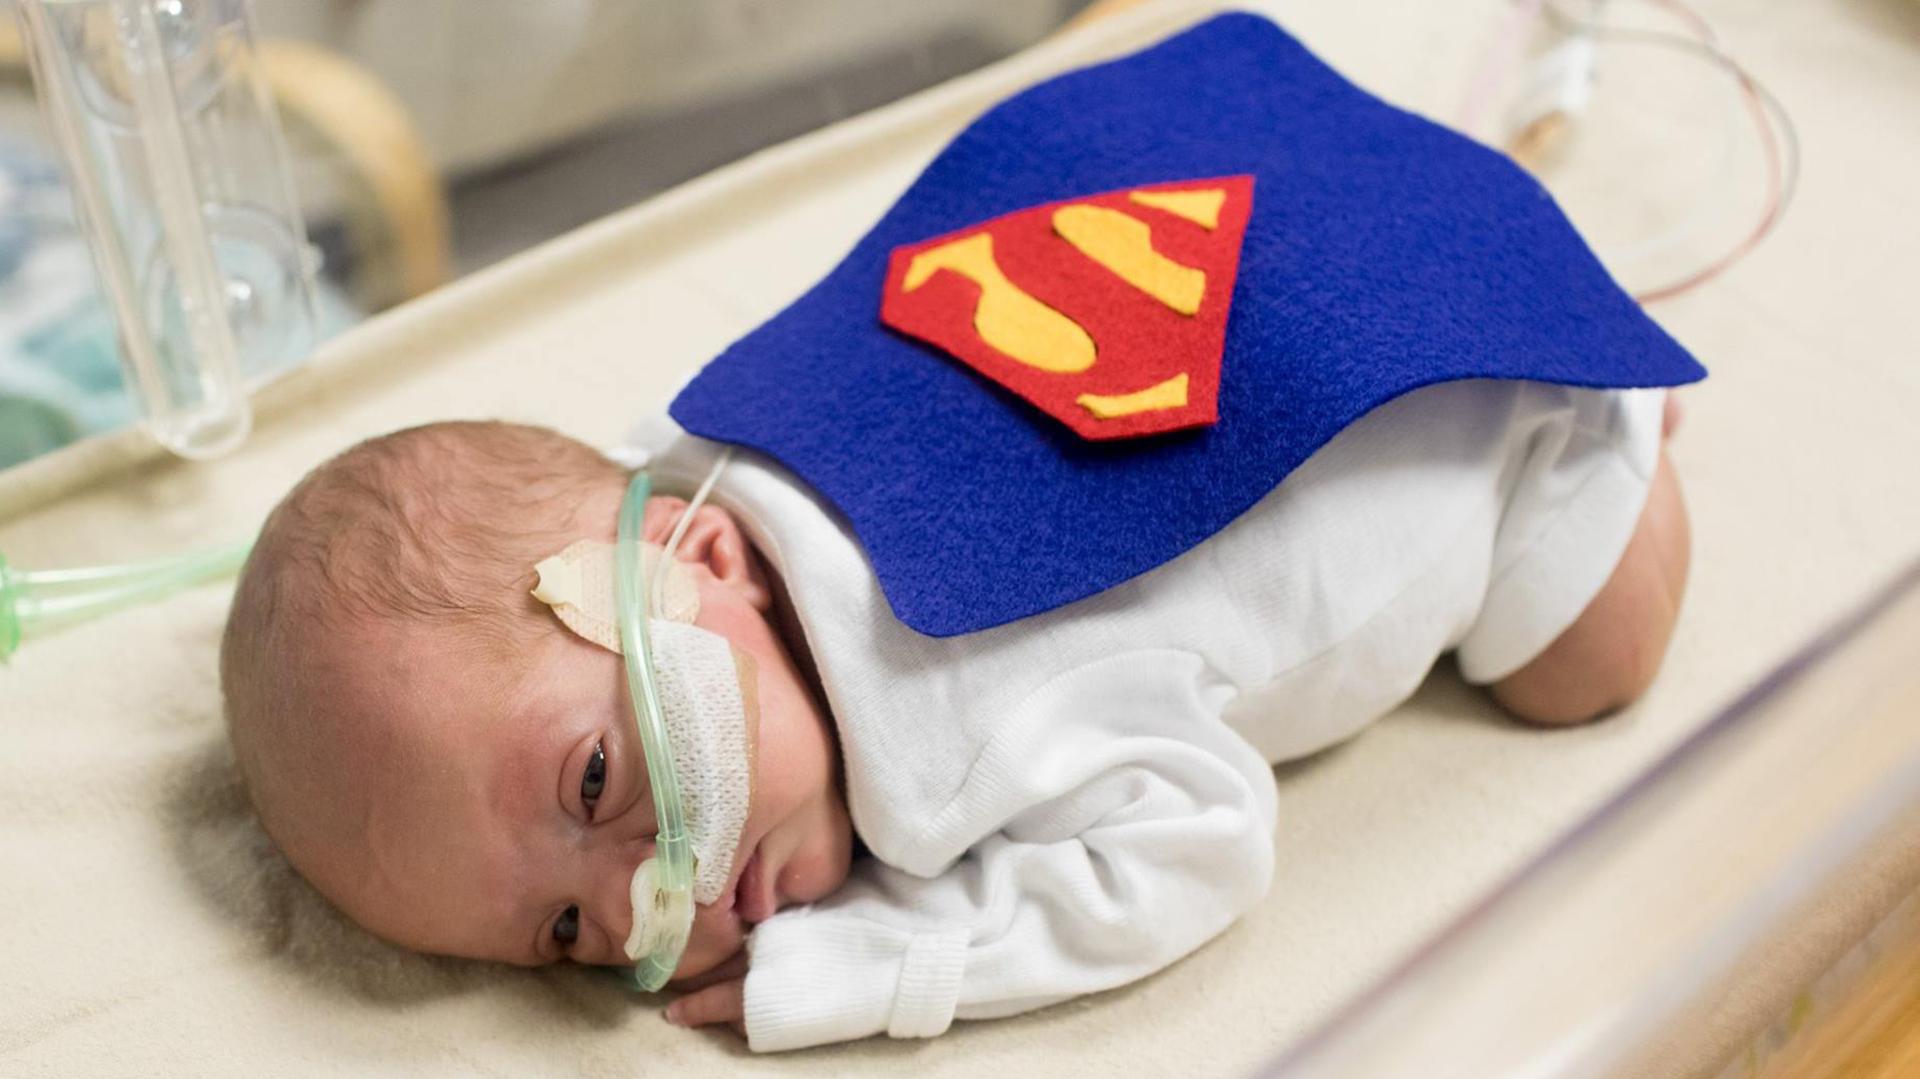 b60b403a2 Prematuros y superhéroes  la campaña de un hospital con bebés recién ...